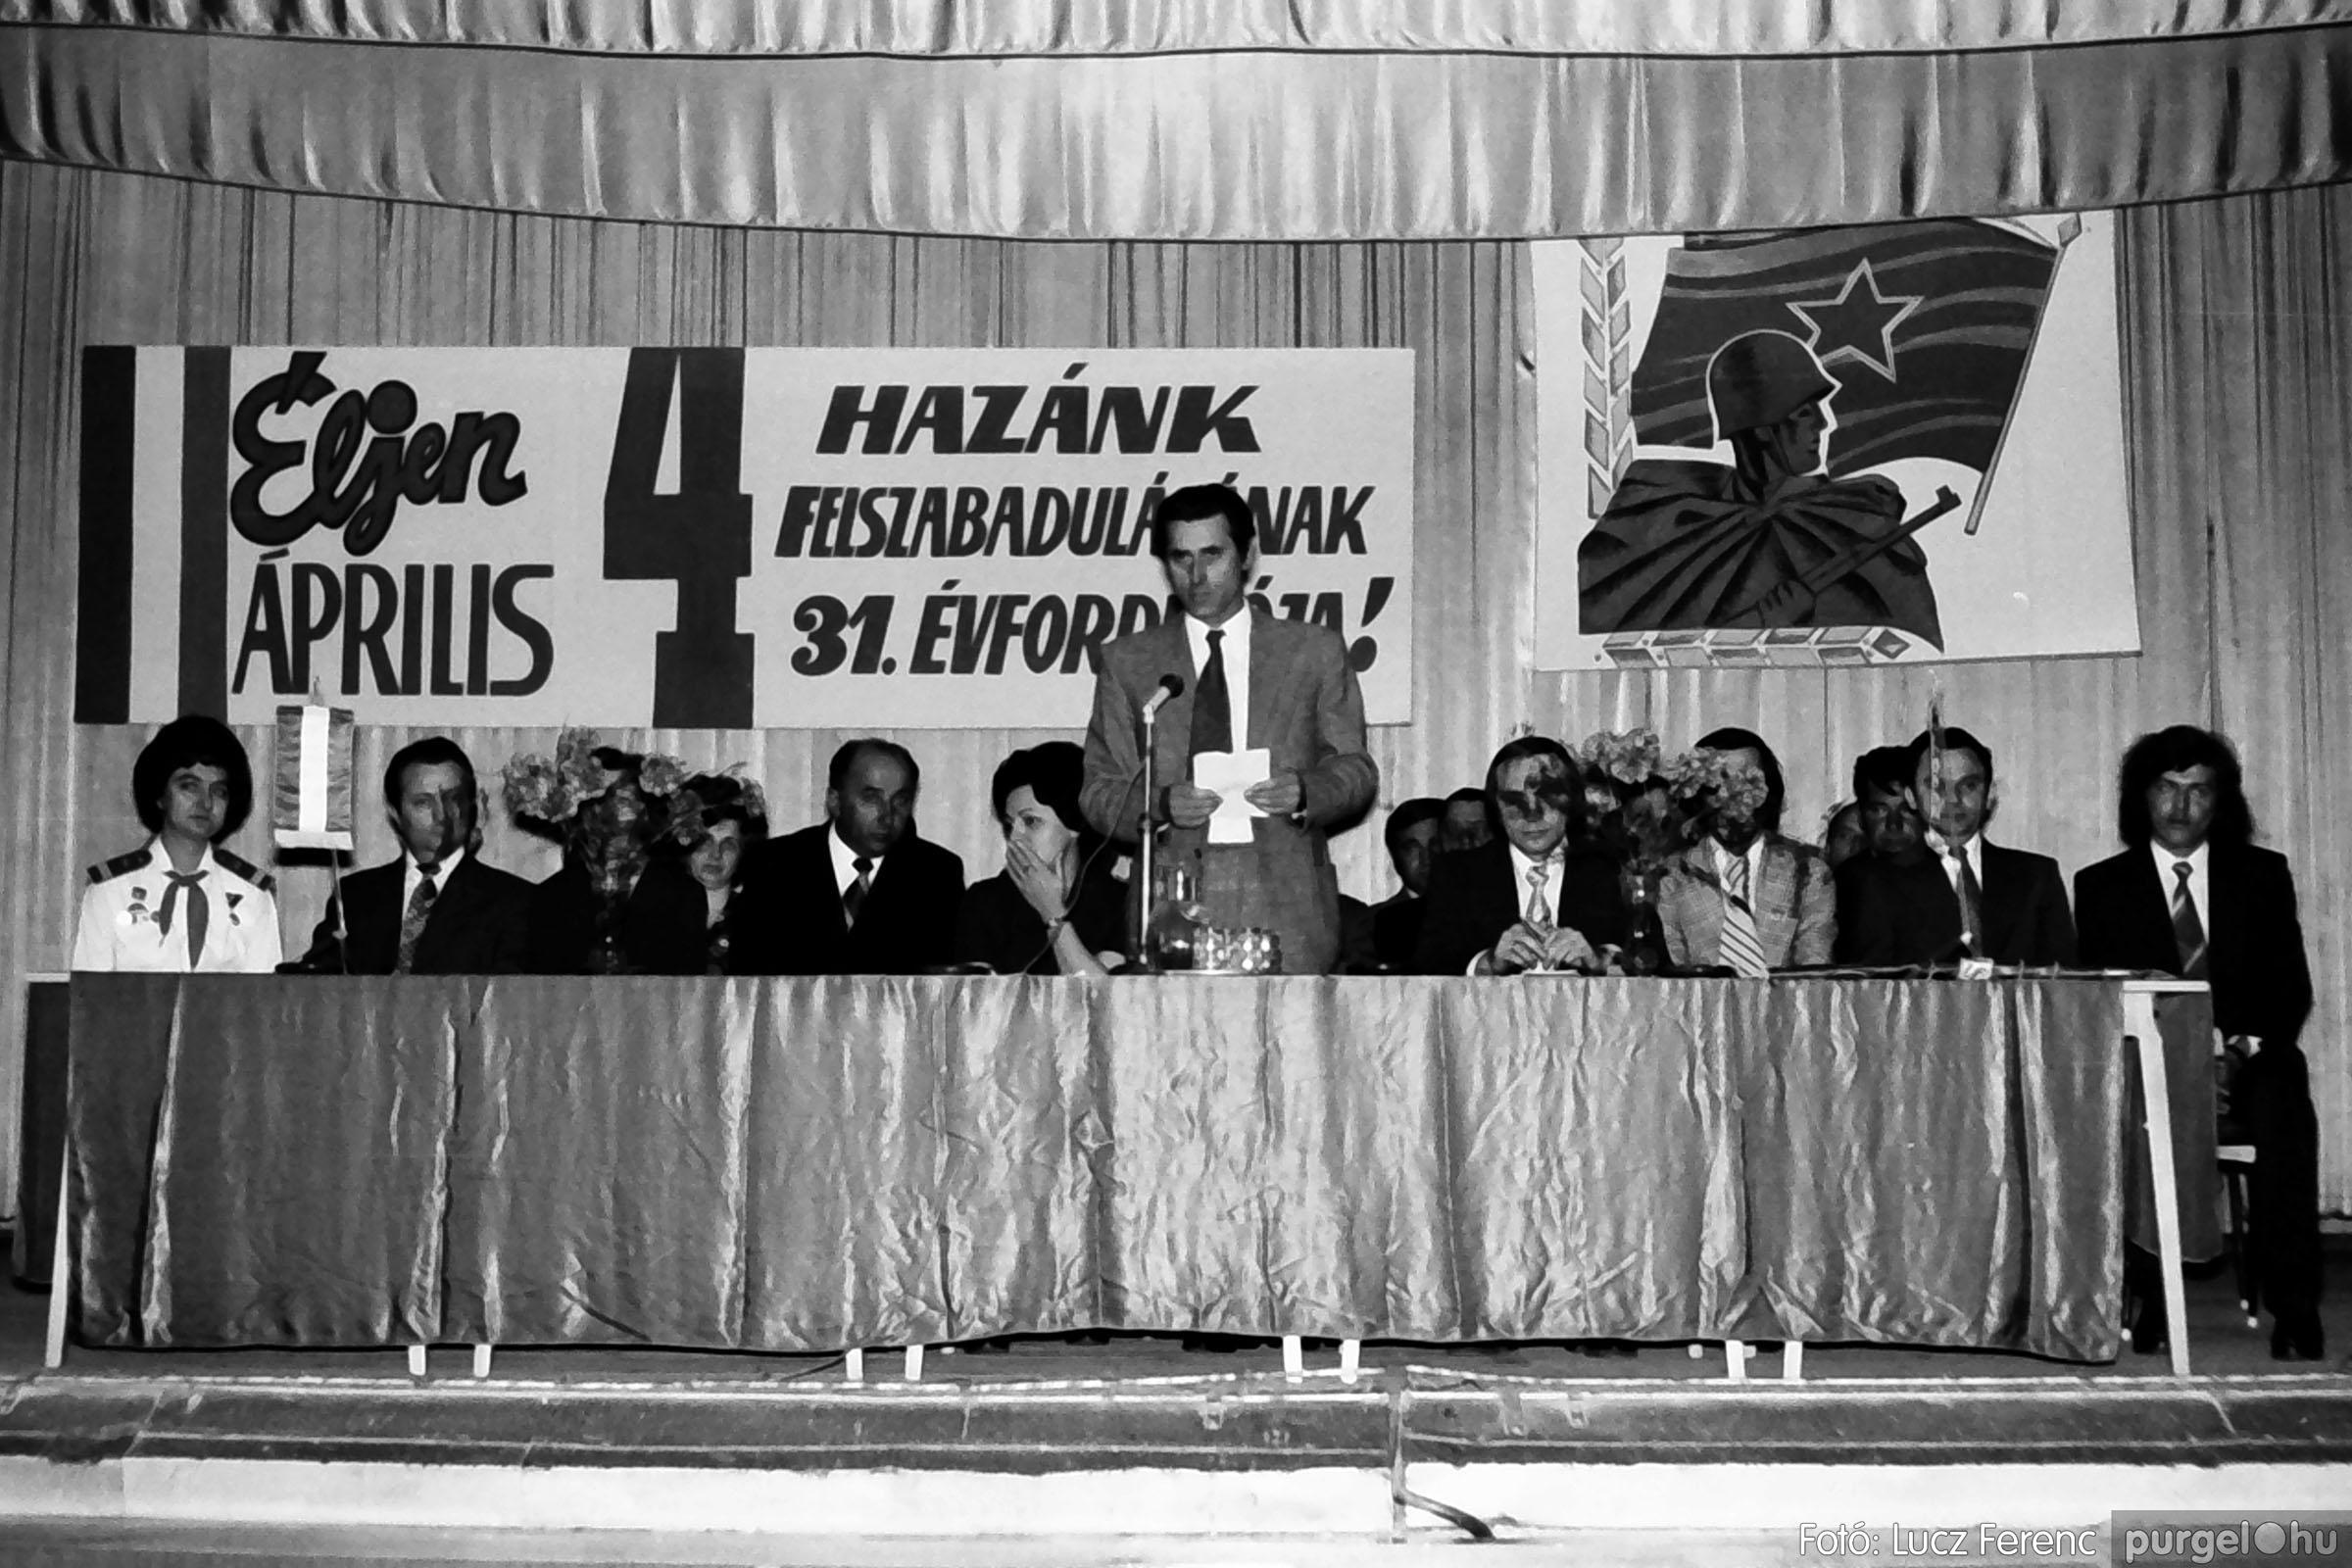 039. 1976.04.04. Április 4-i ünnepség a kultúrházban 004. - Fotó: Lucz Ferenc.jpg